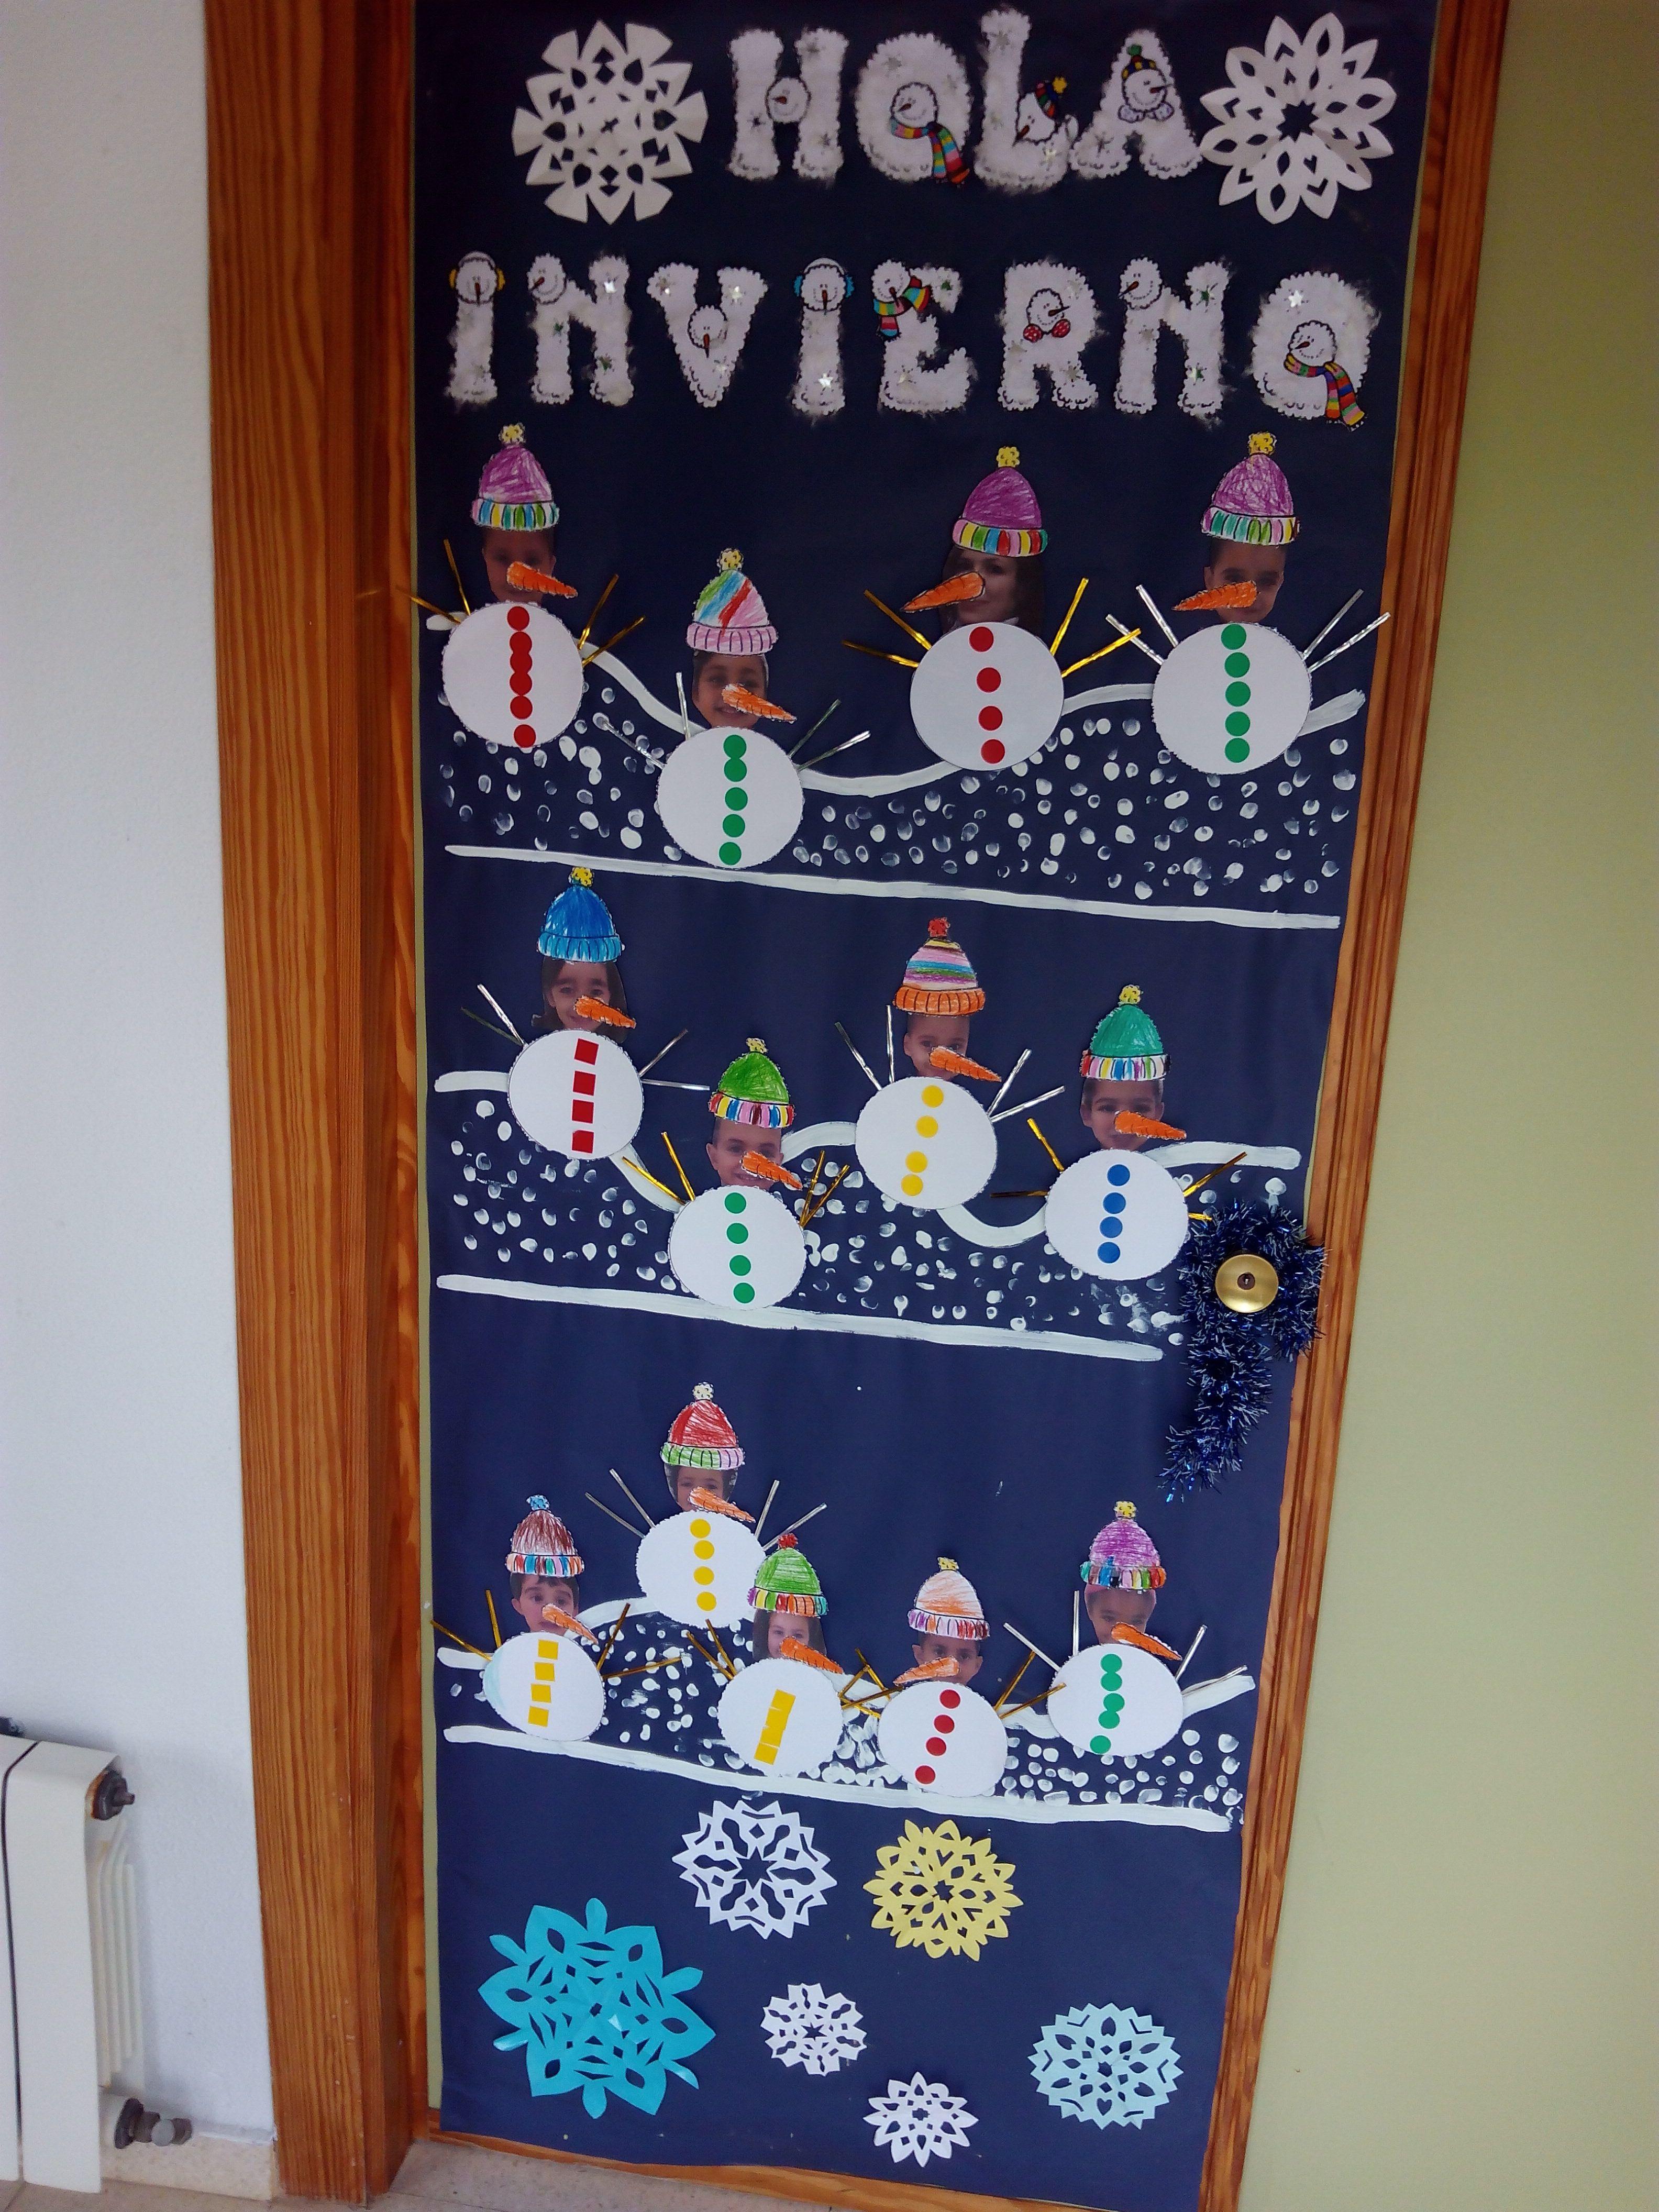 Puertas invierno buscar con google hivern pinterest - Mural navidad infantil ...